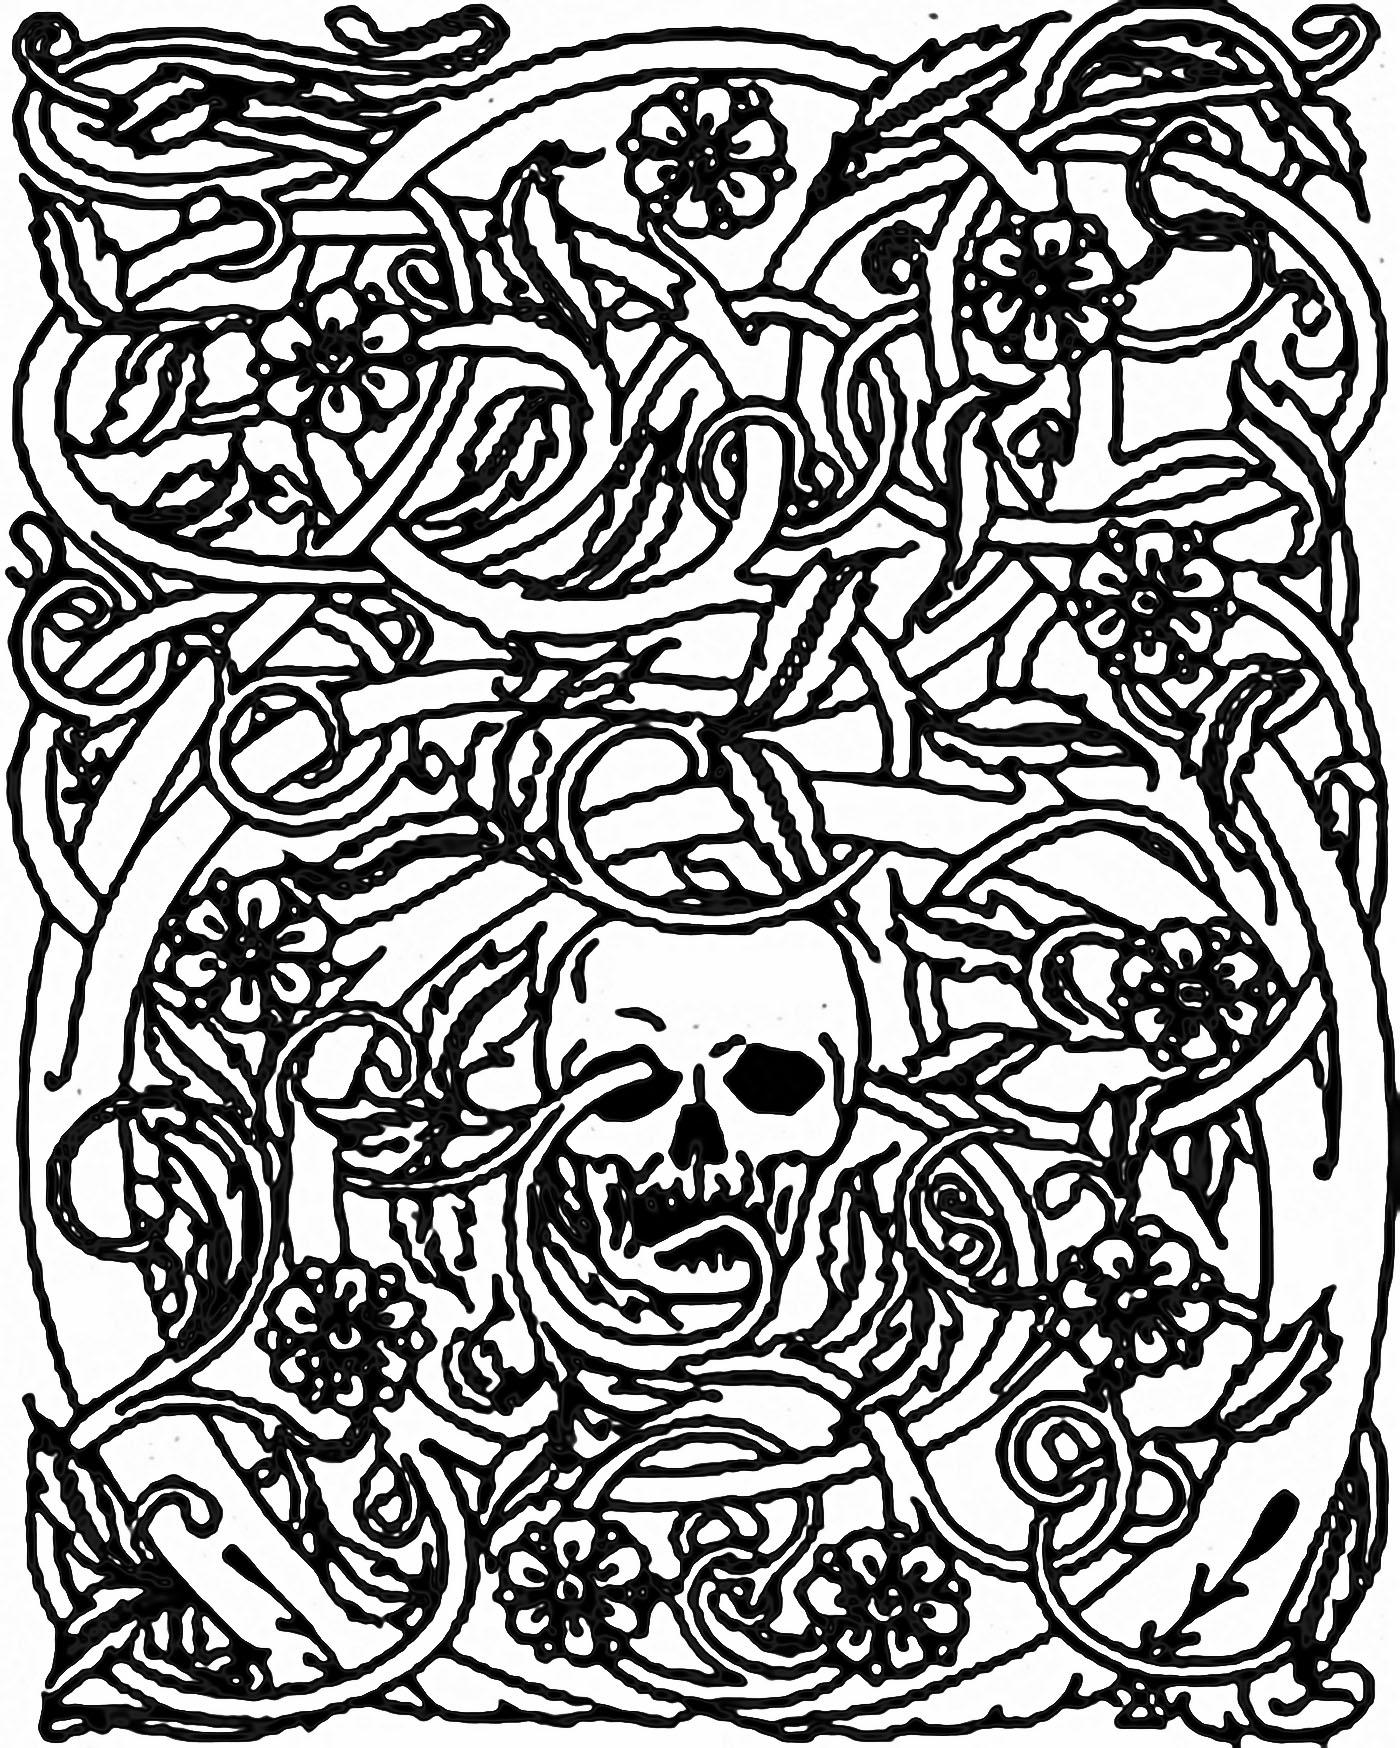 Squelette et ronces | A partir de la galerie : Halloween